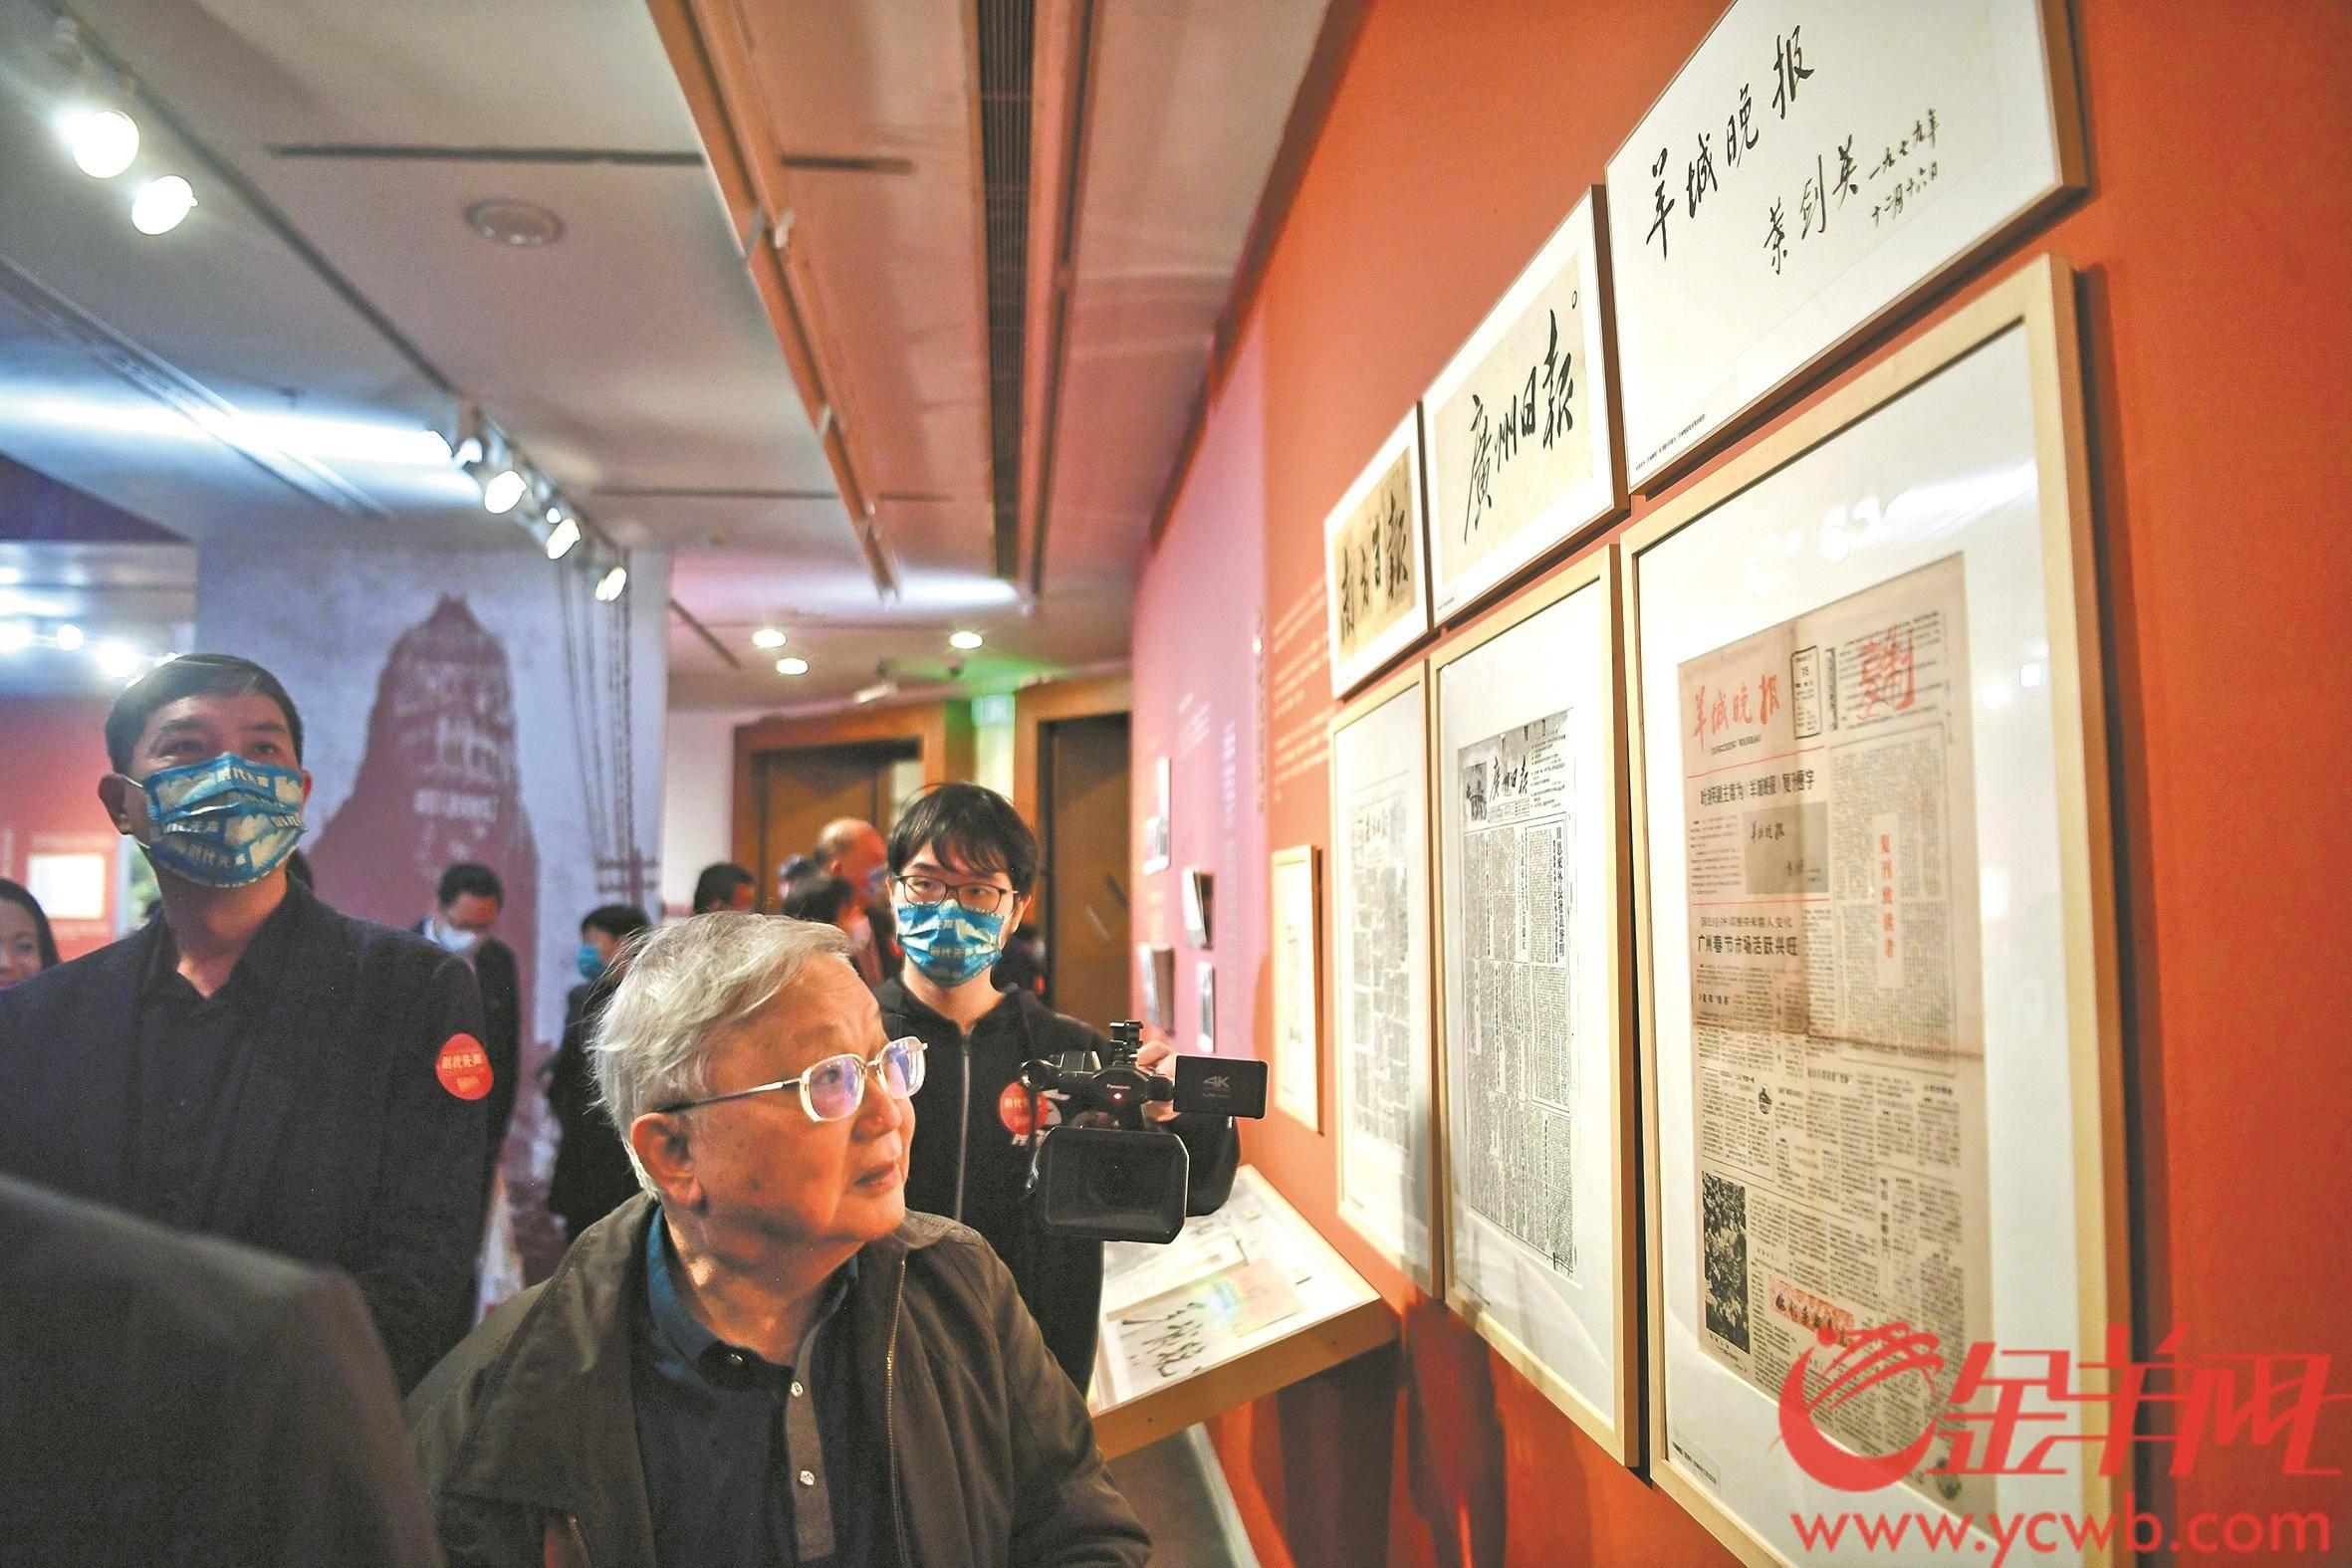 看百年大展 听时代先声——千余件珍贵藏品展示广州百年文艺